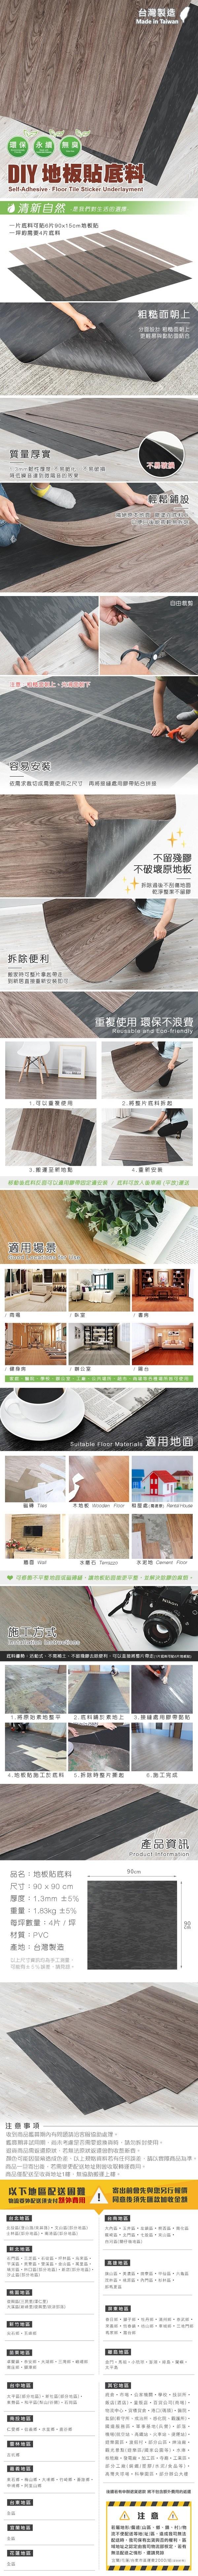 PVC底料、塑膠地磚底料、地板、地貼、不傷地板、租屋、裝修、裝潢、修繕